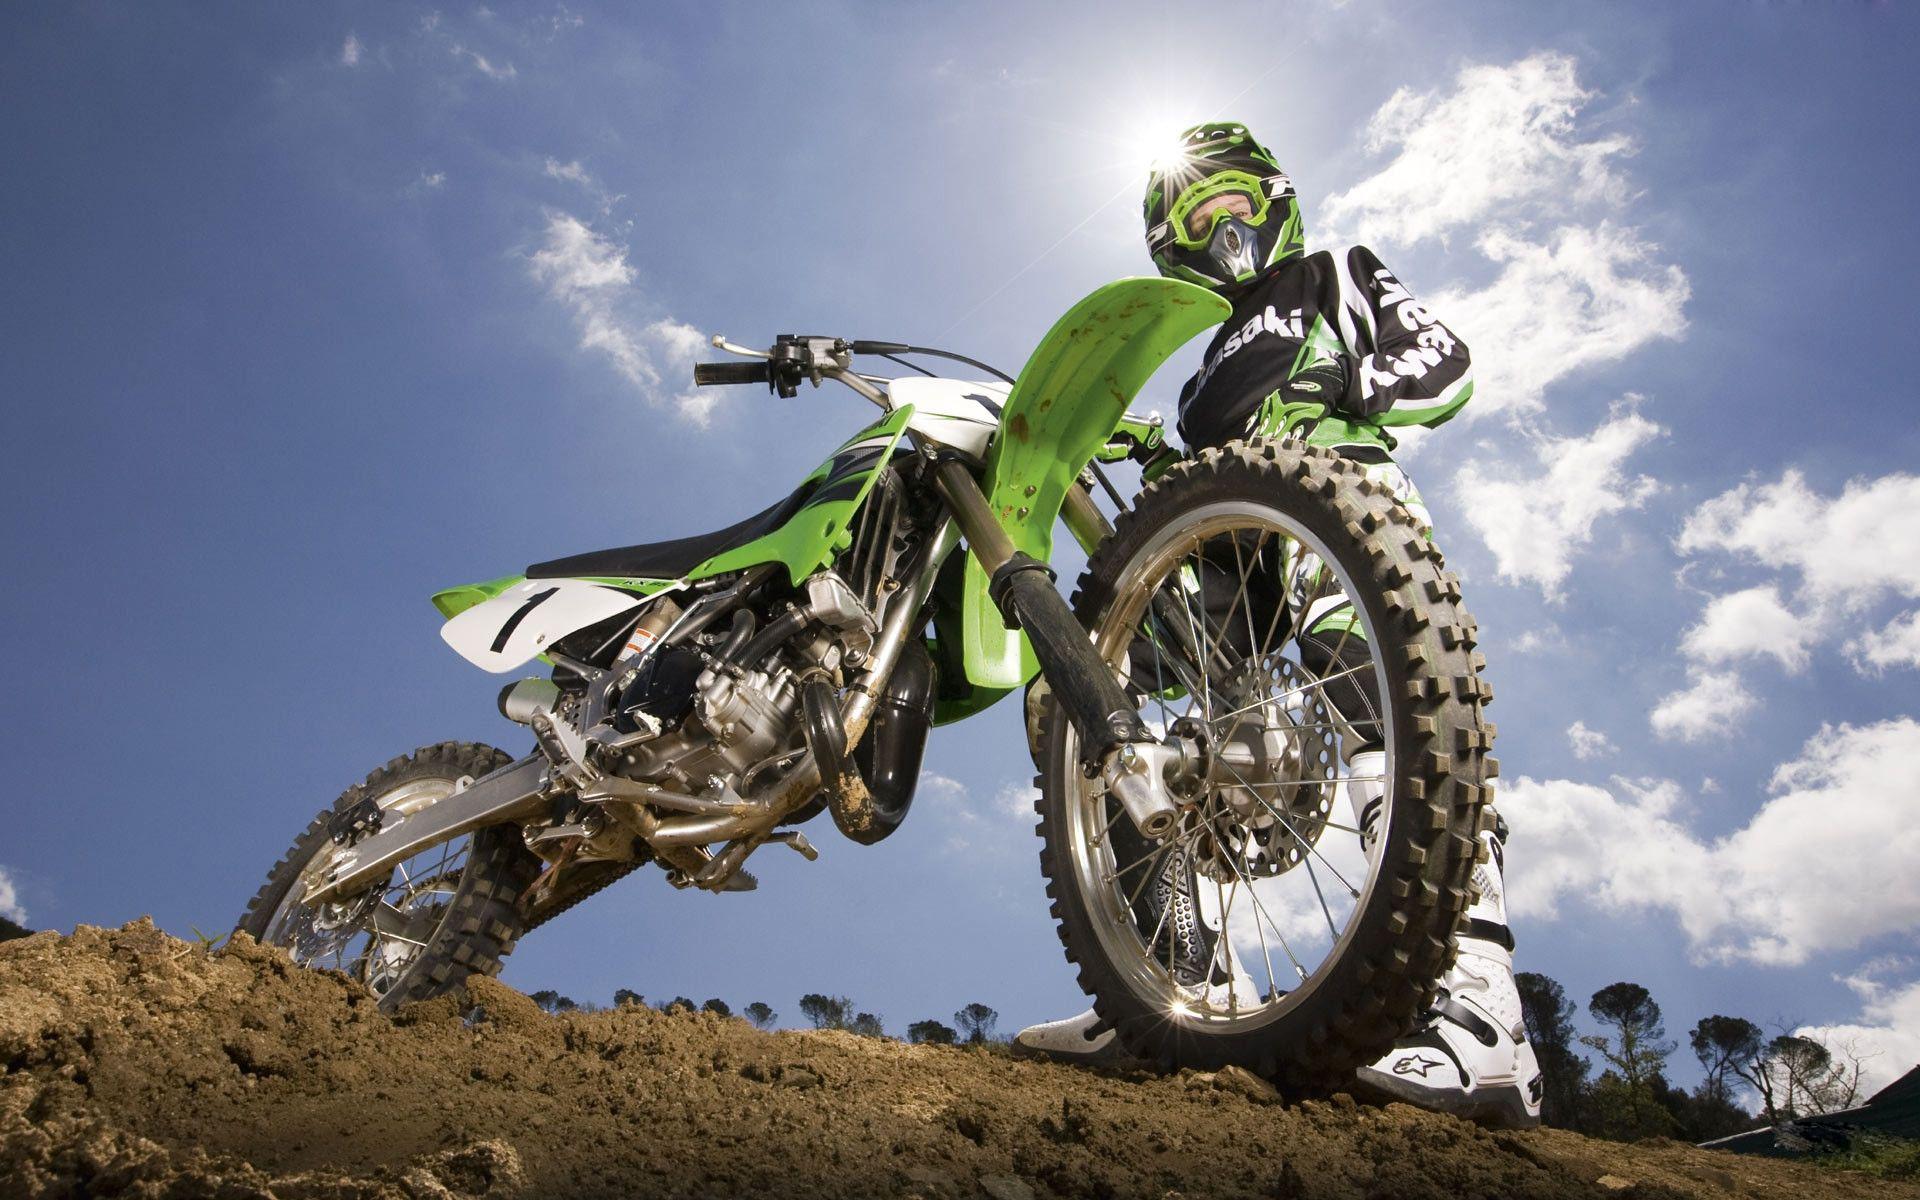 Free HD Dirt Bike Wallpapers | PixelsTalk Net